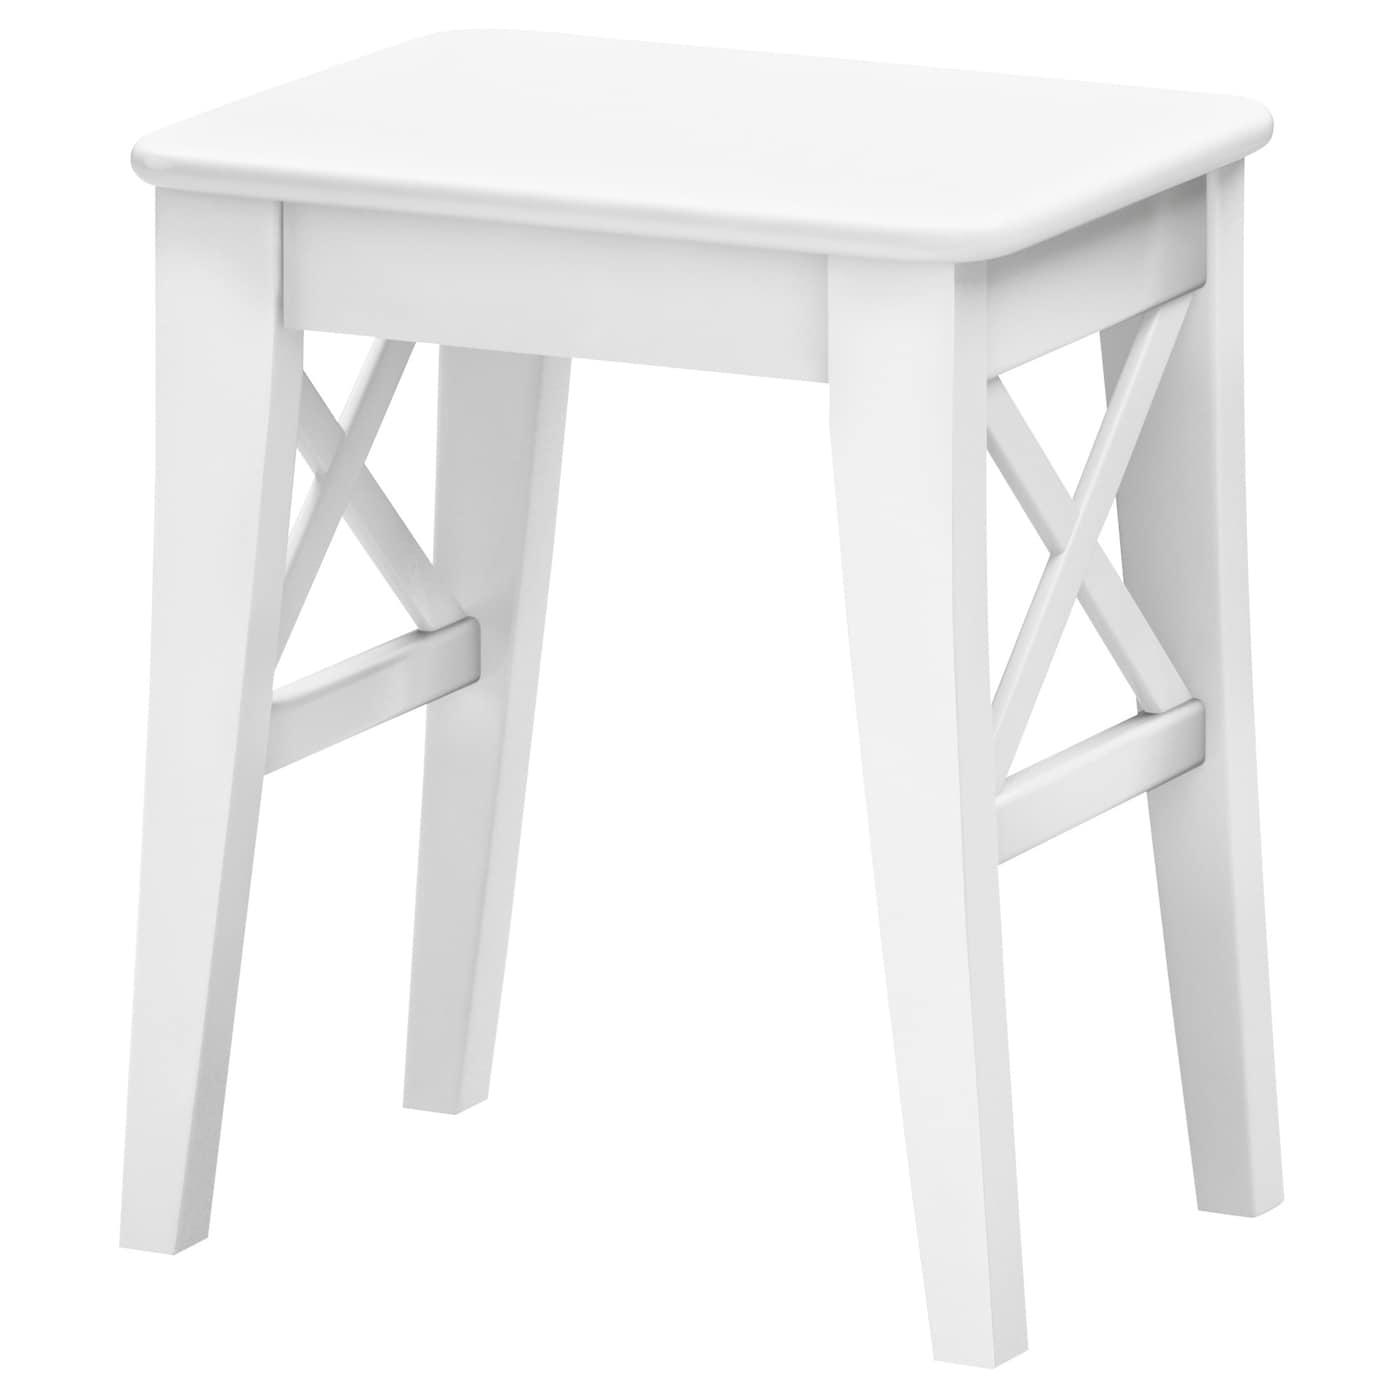 Erfreut Küchenhocker Möbel Ideen - Ideen Für Die Küche Dekoration ...